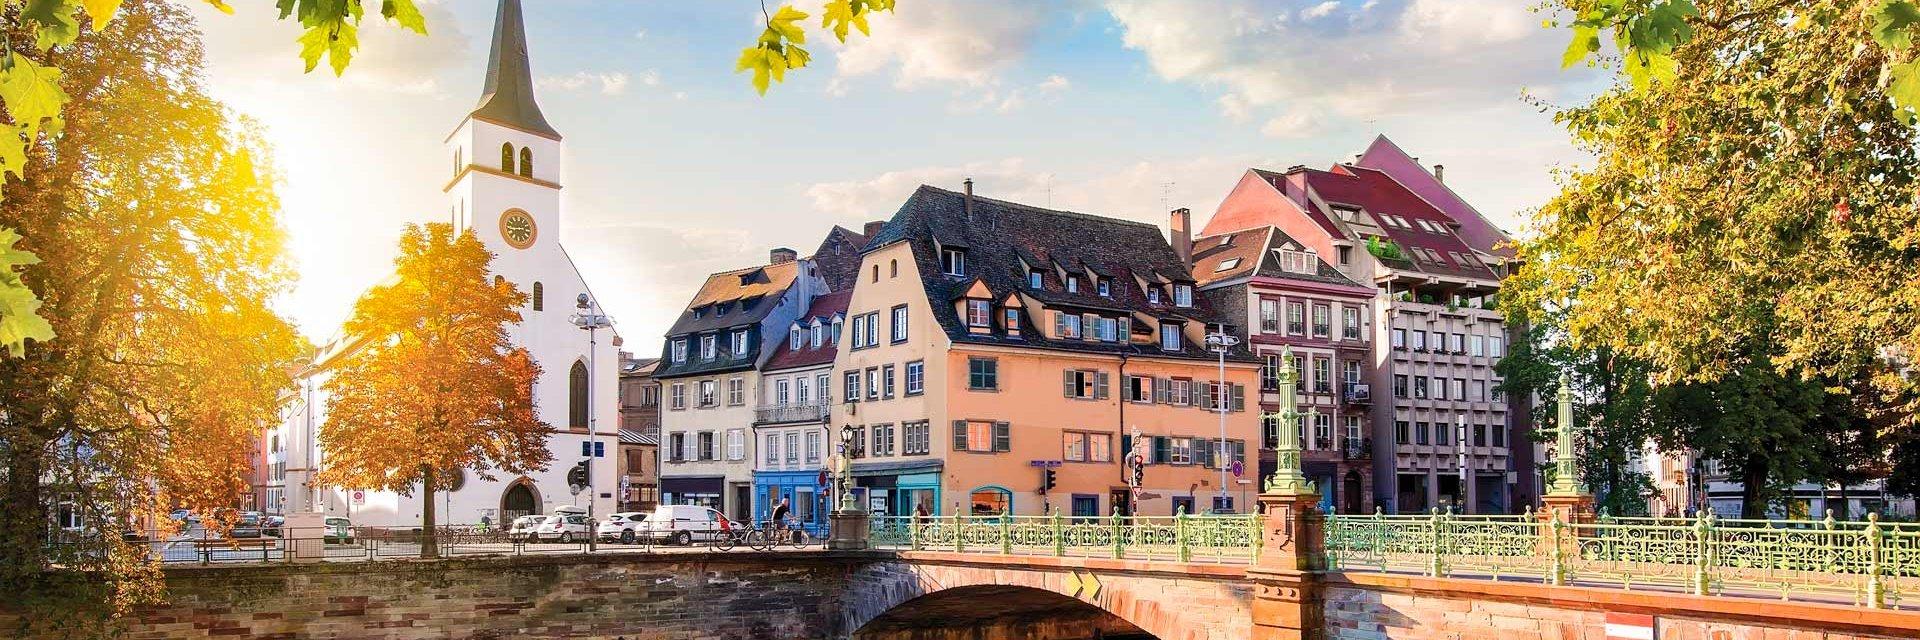 Randonnée pédestre en Alsace